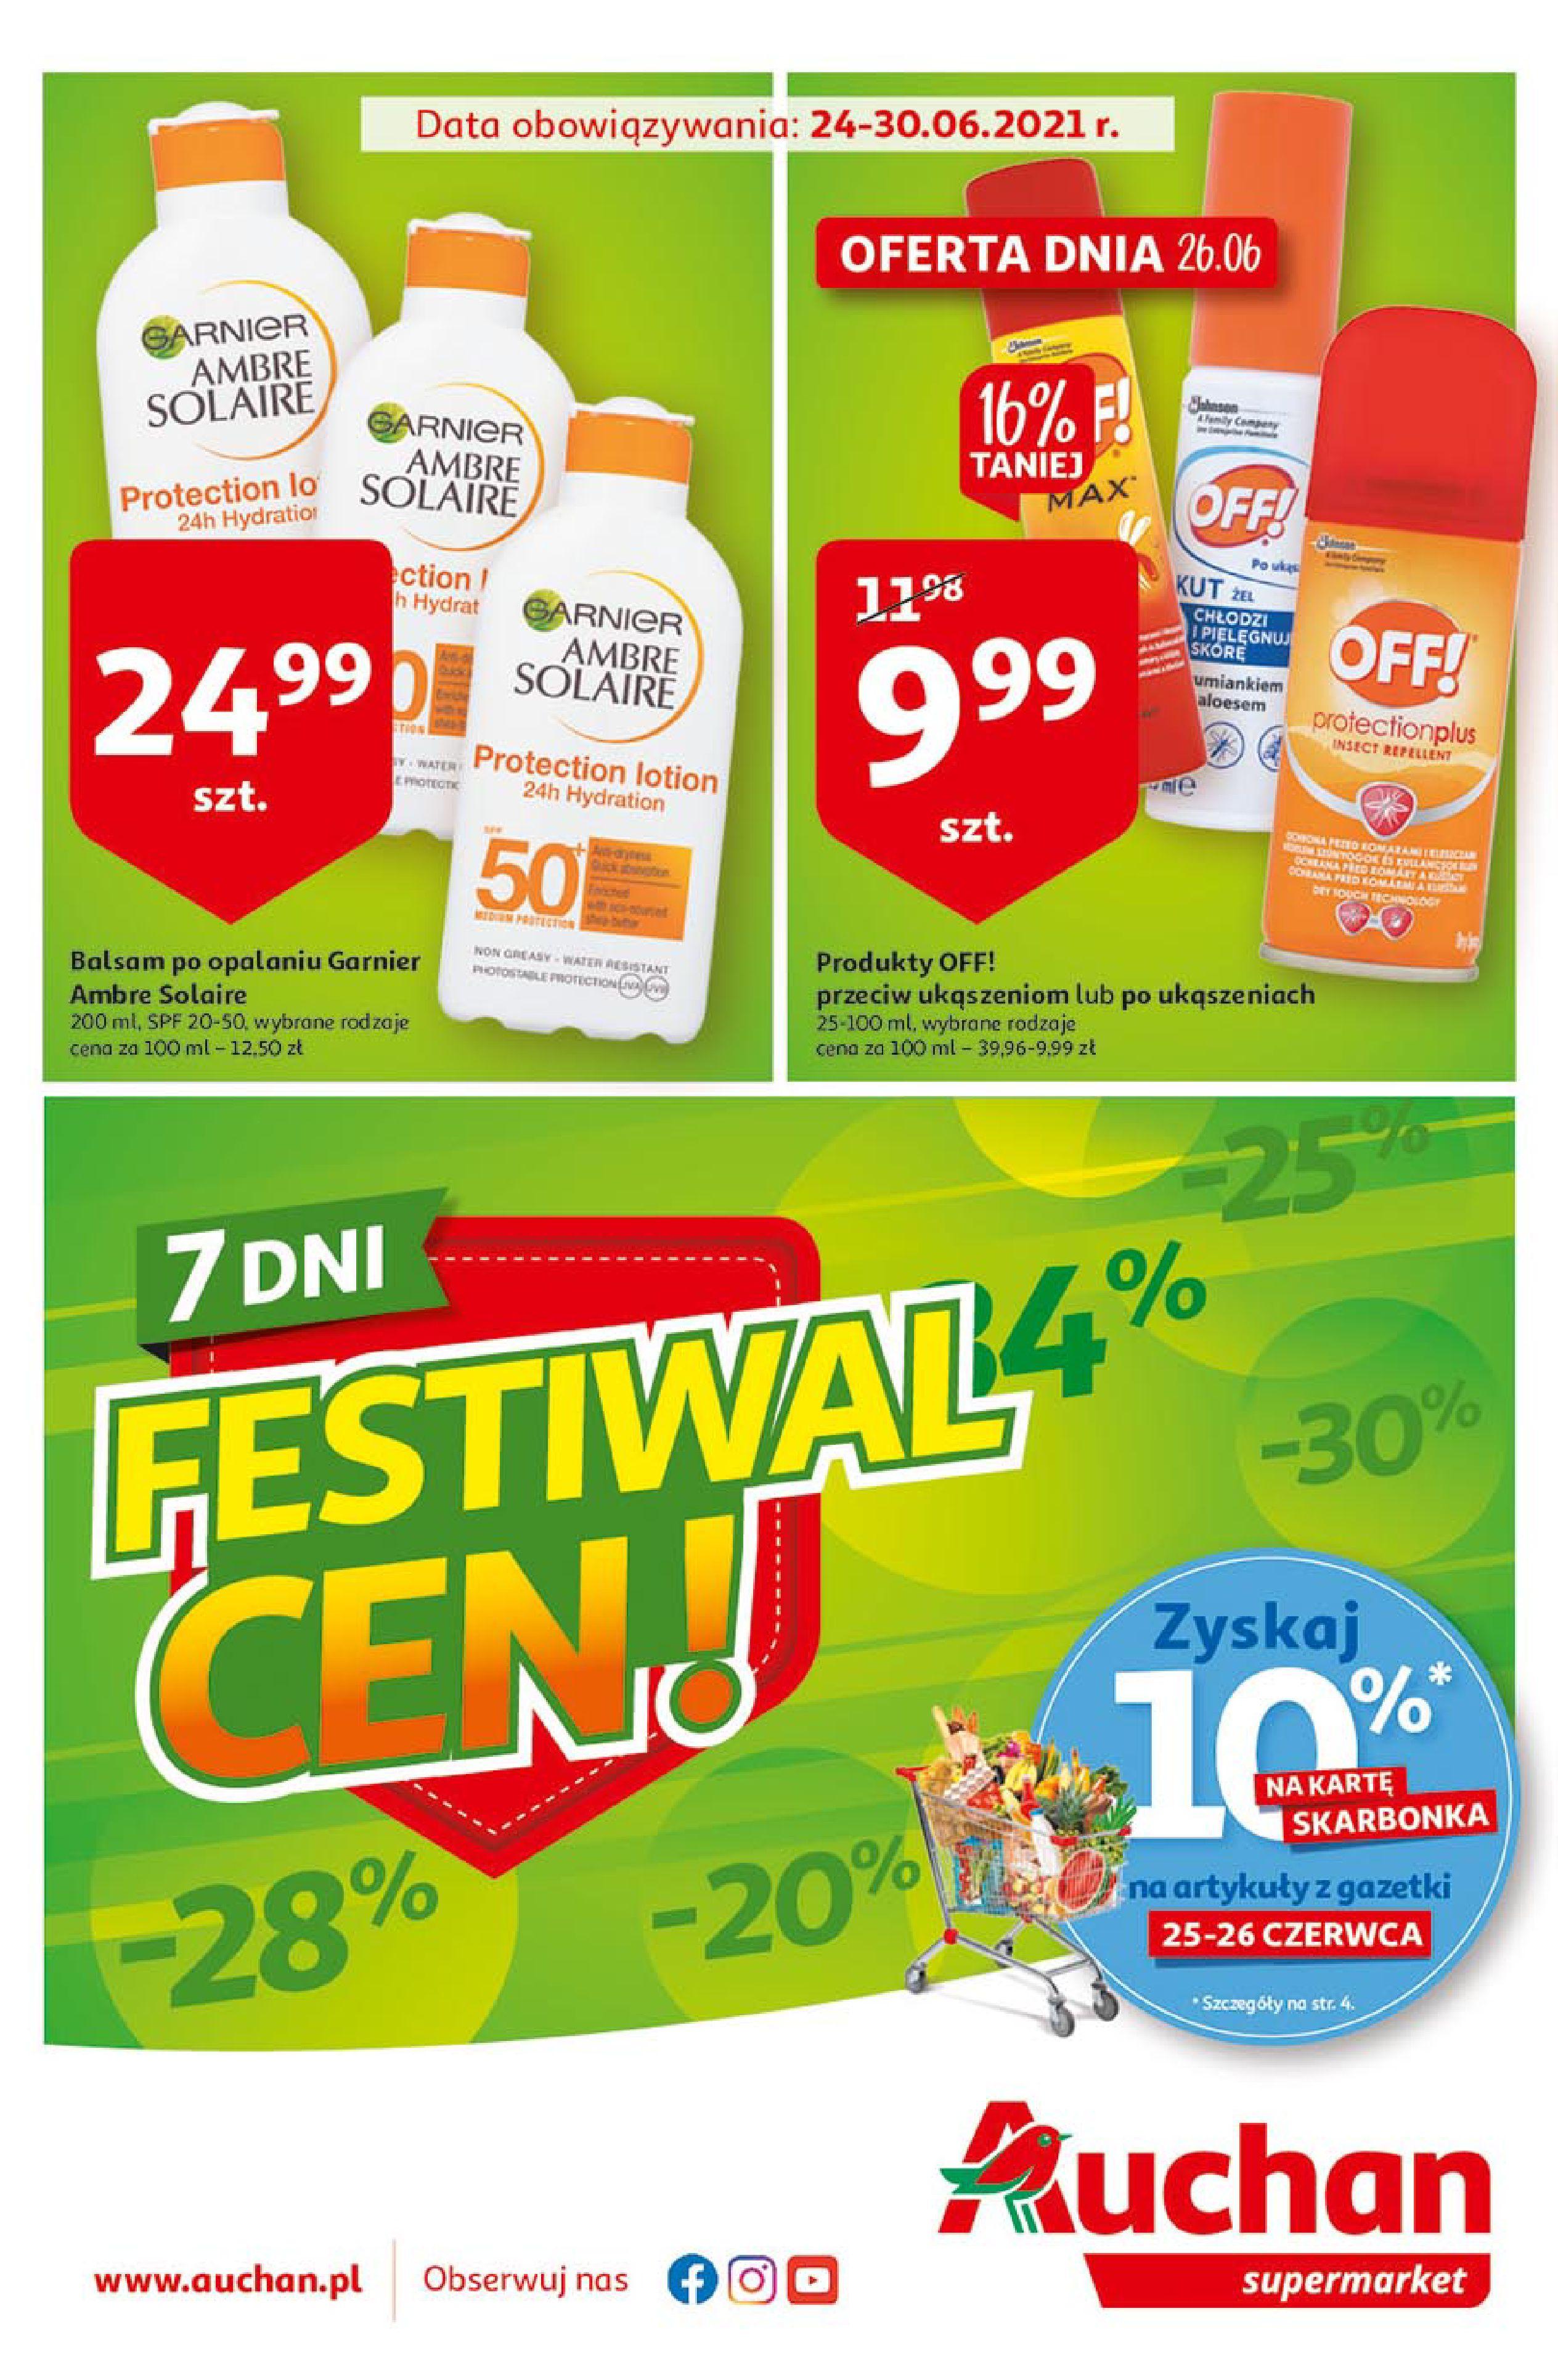 Auchan:  Gazetka Auchan - Festiwal Cen Supermarkety 23.06.2021